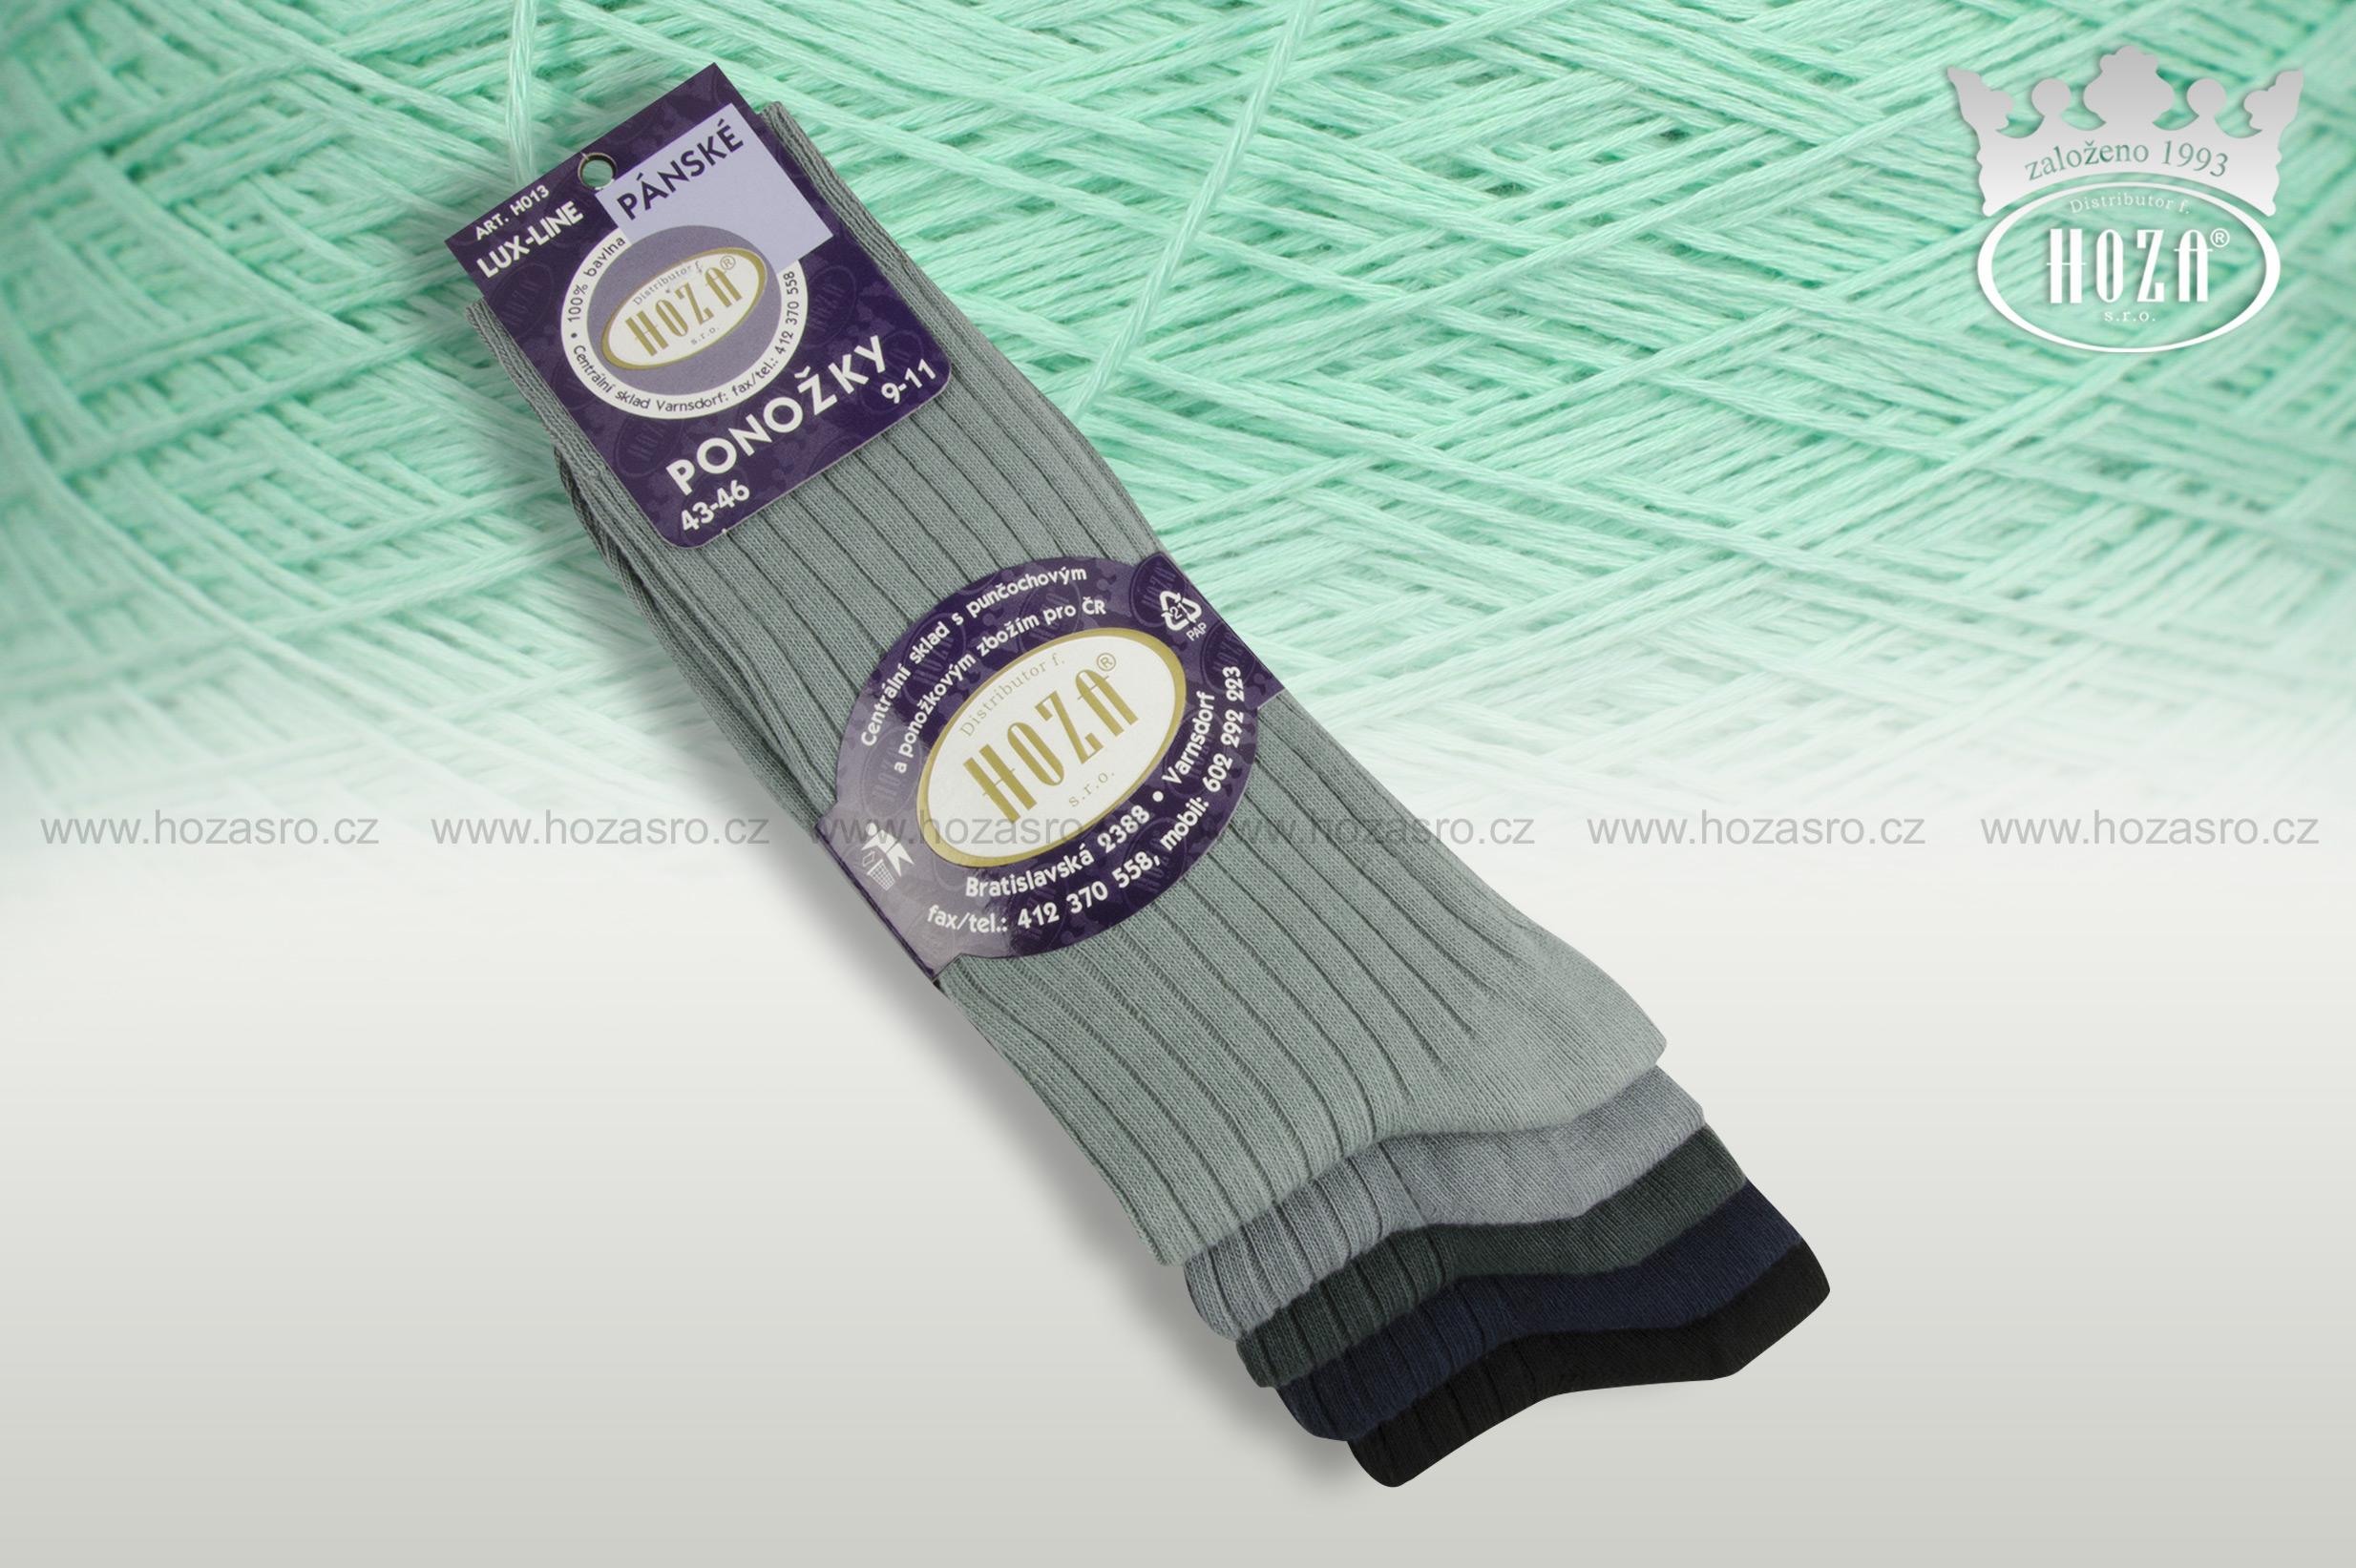 df836e0eea9 Ponožky pro dospělé » Ponožky bavlněné-klasické -